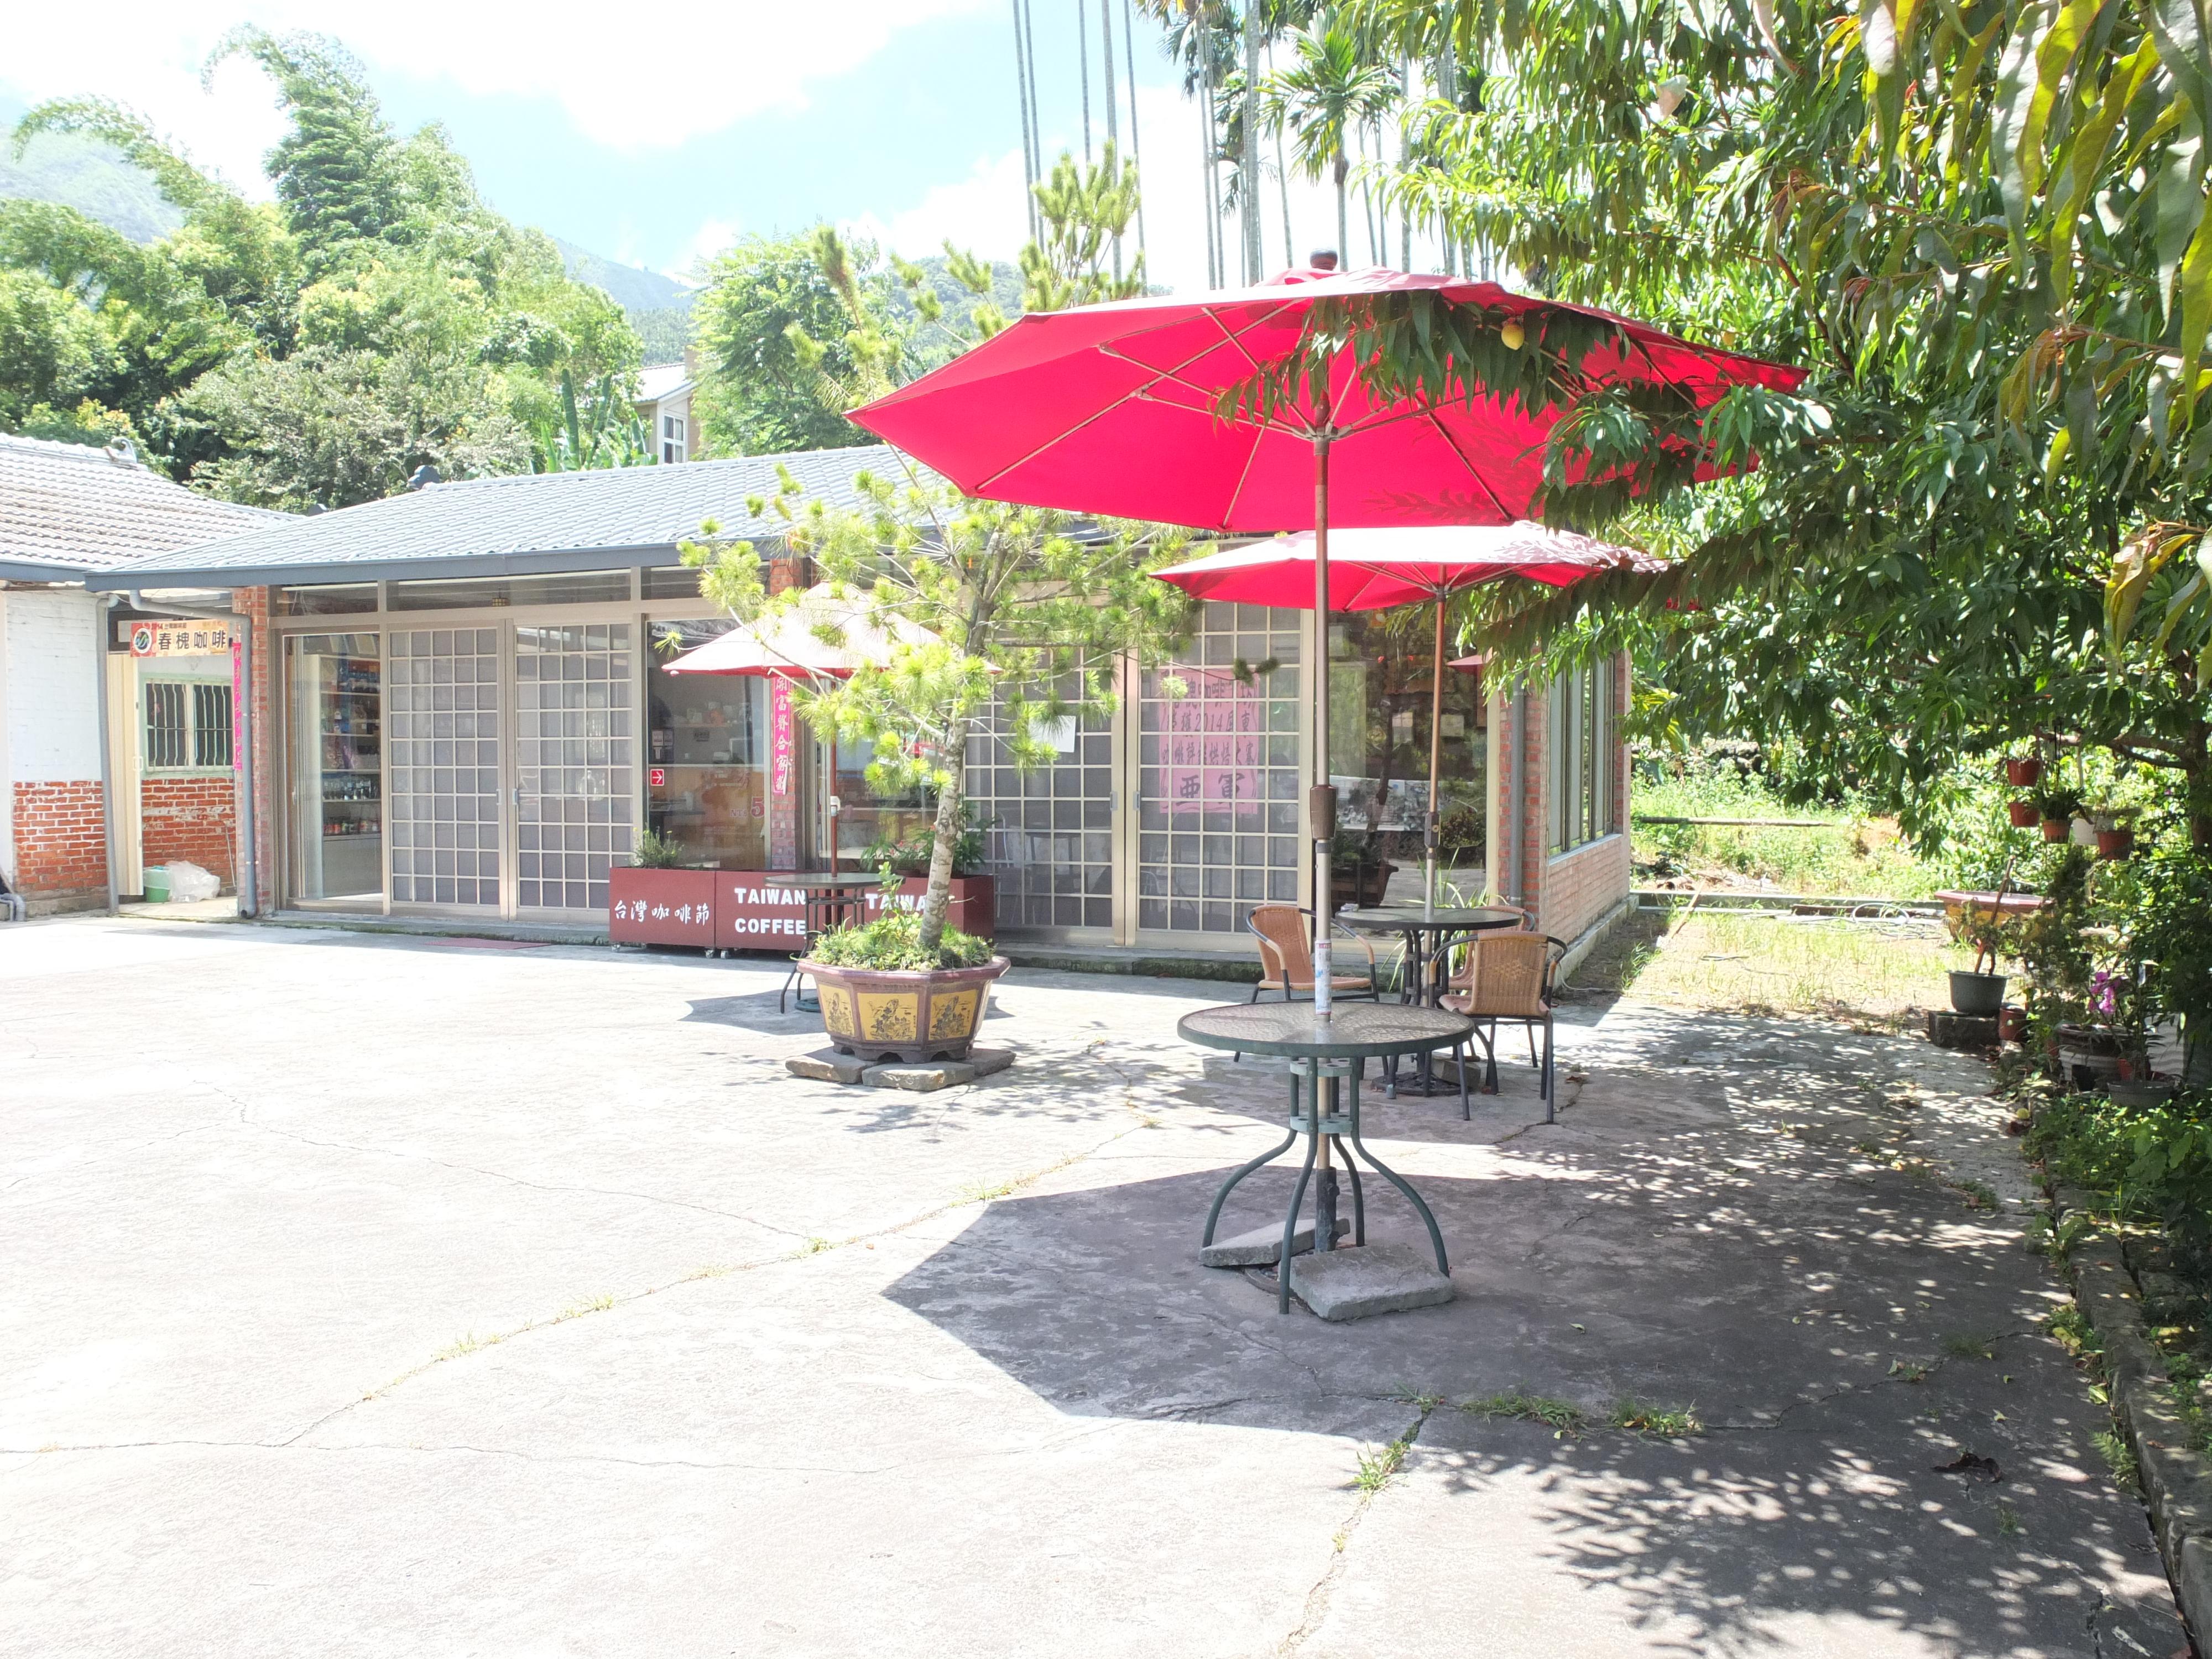 春槐咖啡工坊 (7)